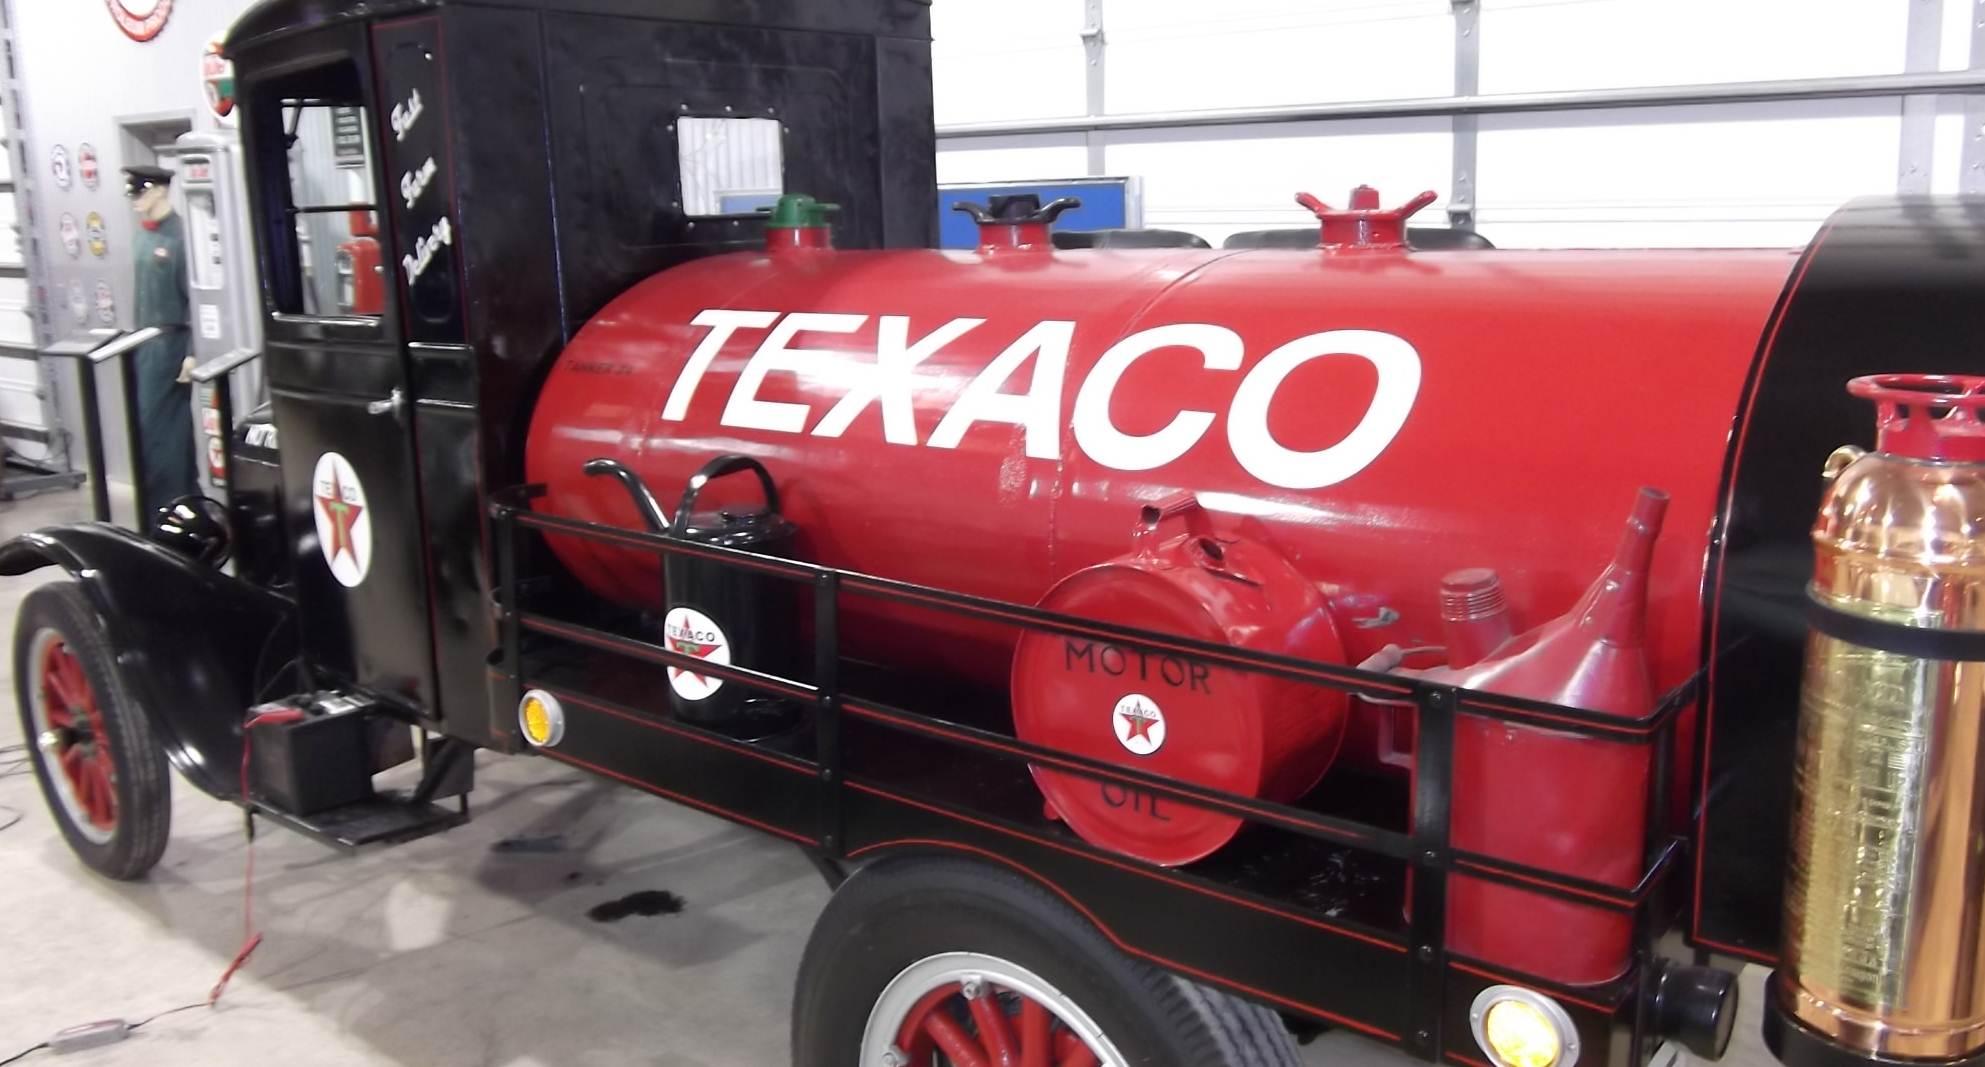 Model T truck fuel tanker